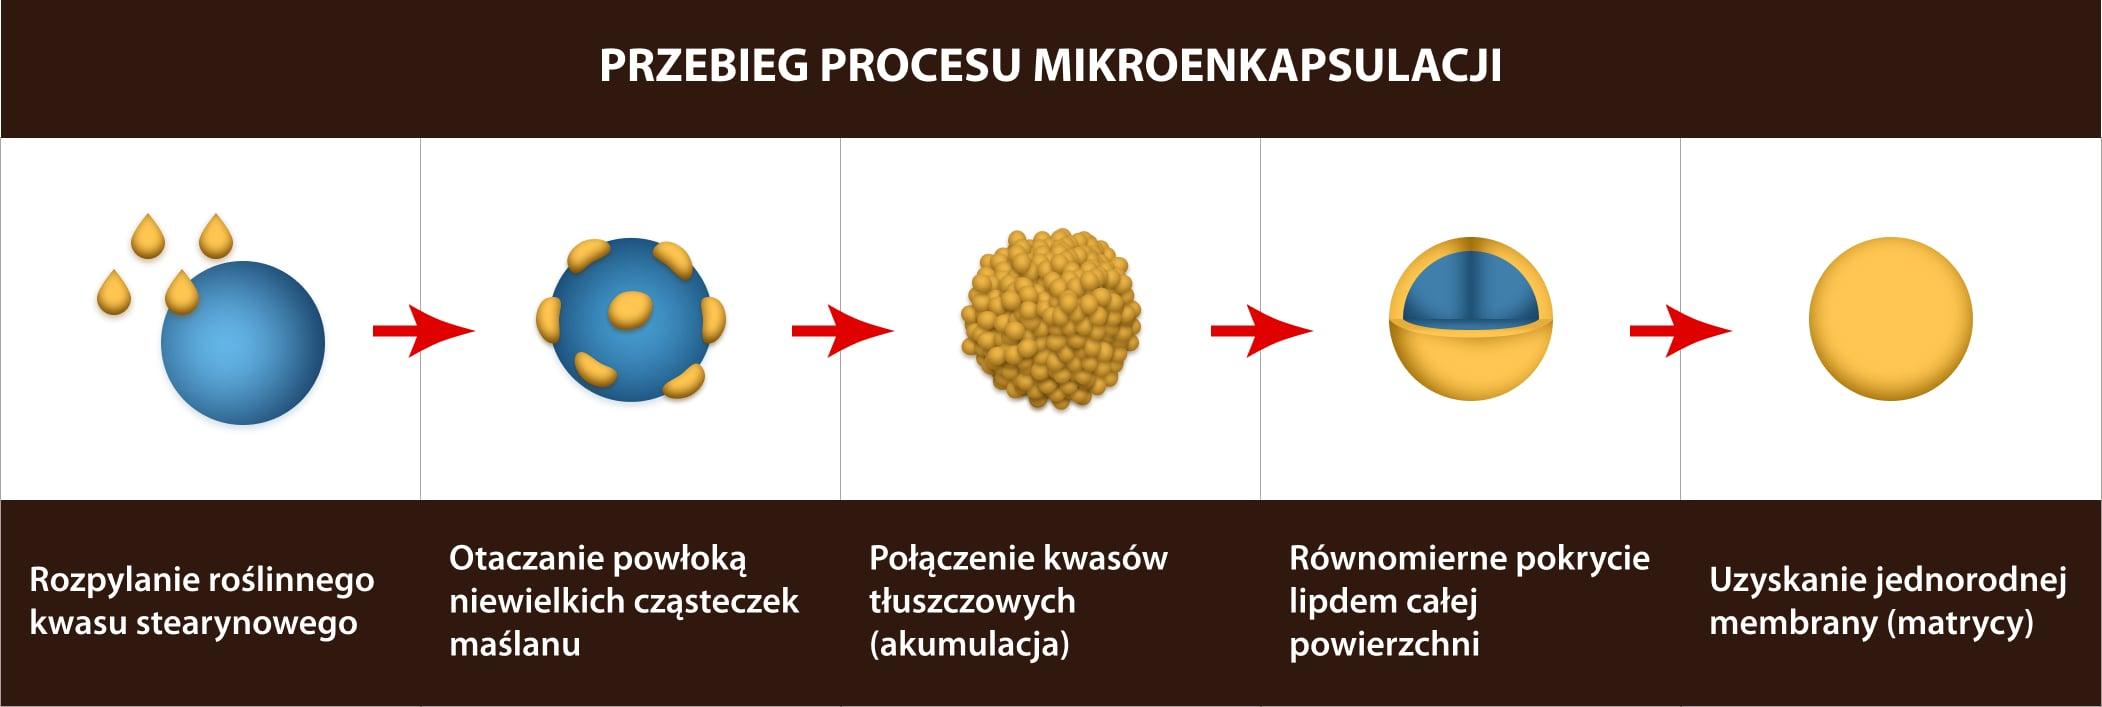 Proces mikroenkapsulacji